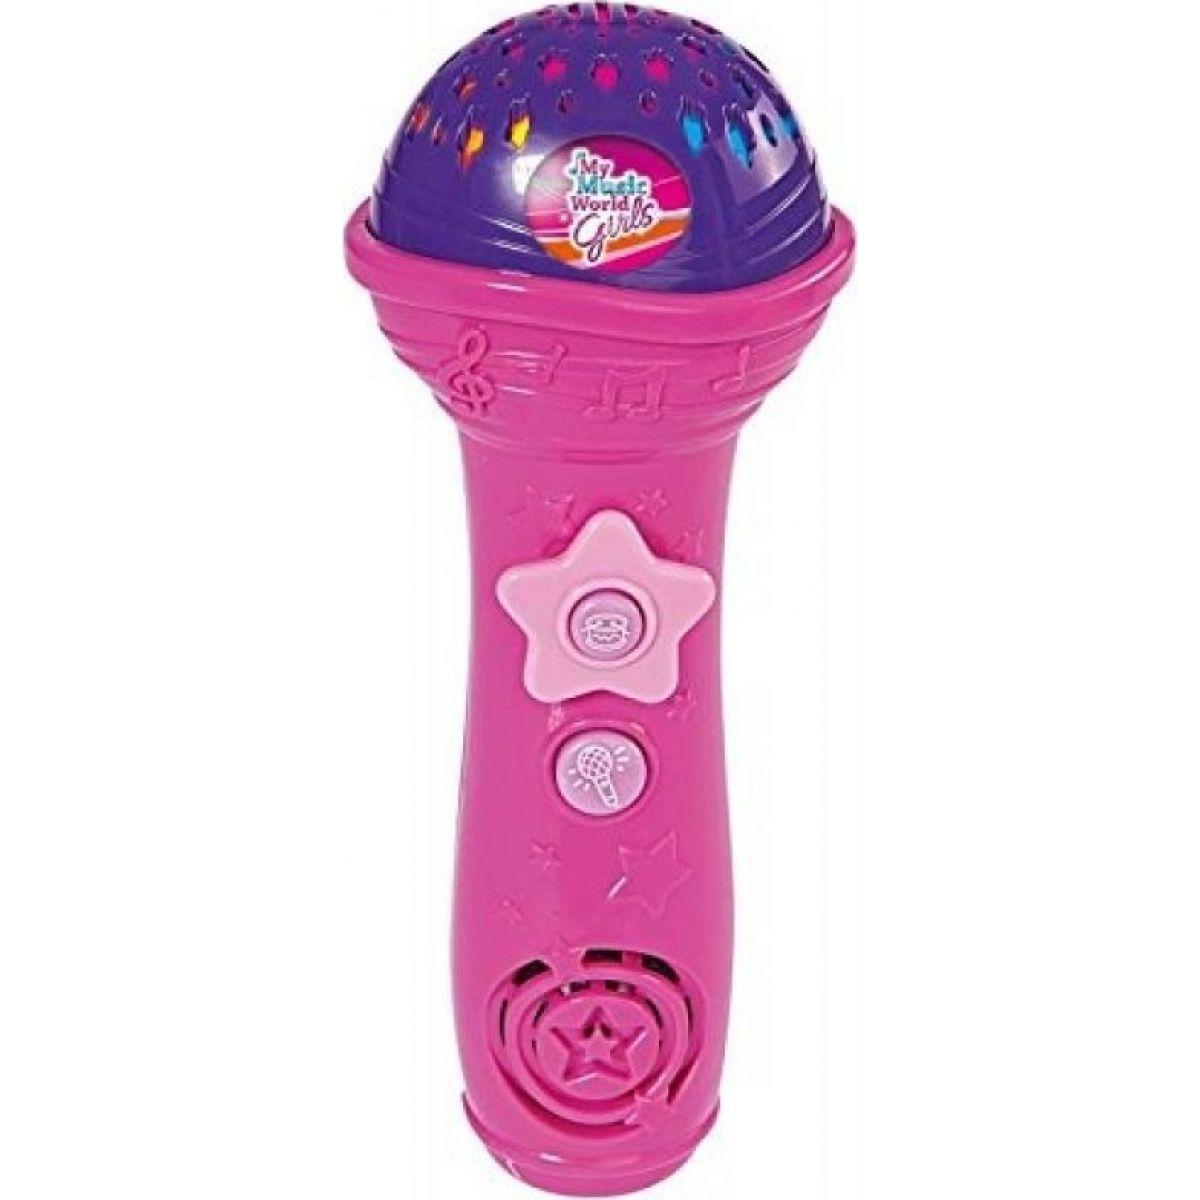 Simba My Music World Růžový mikrofon se stojanem pro MP3